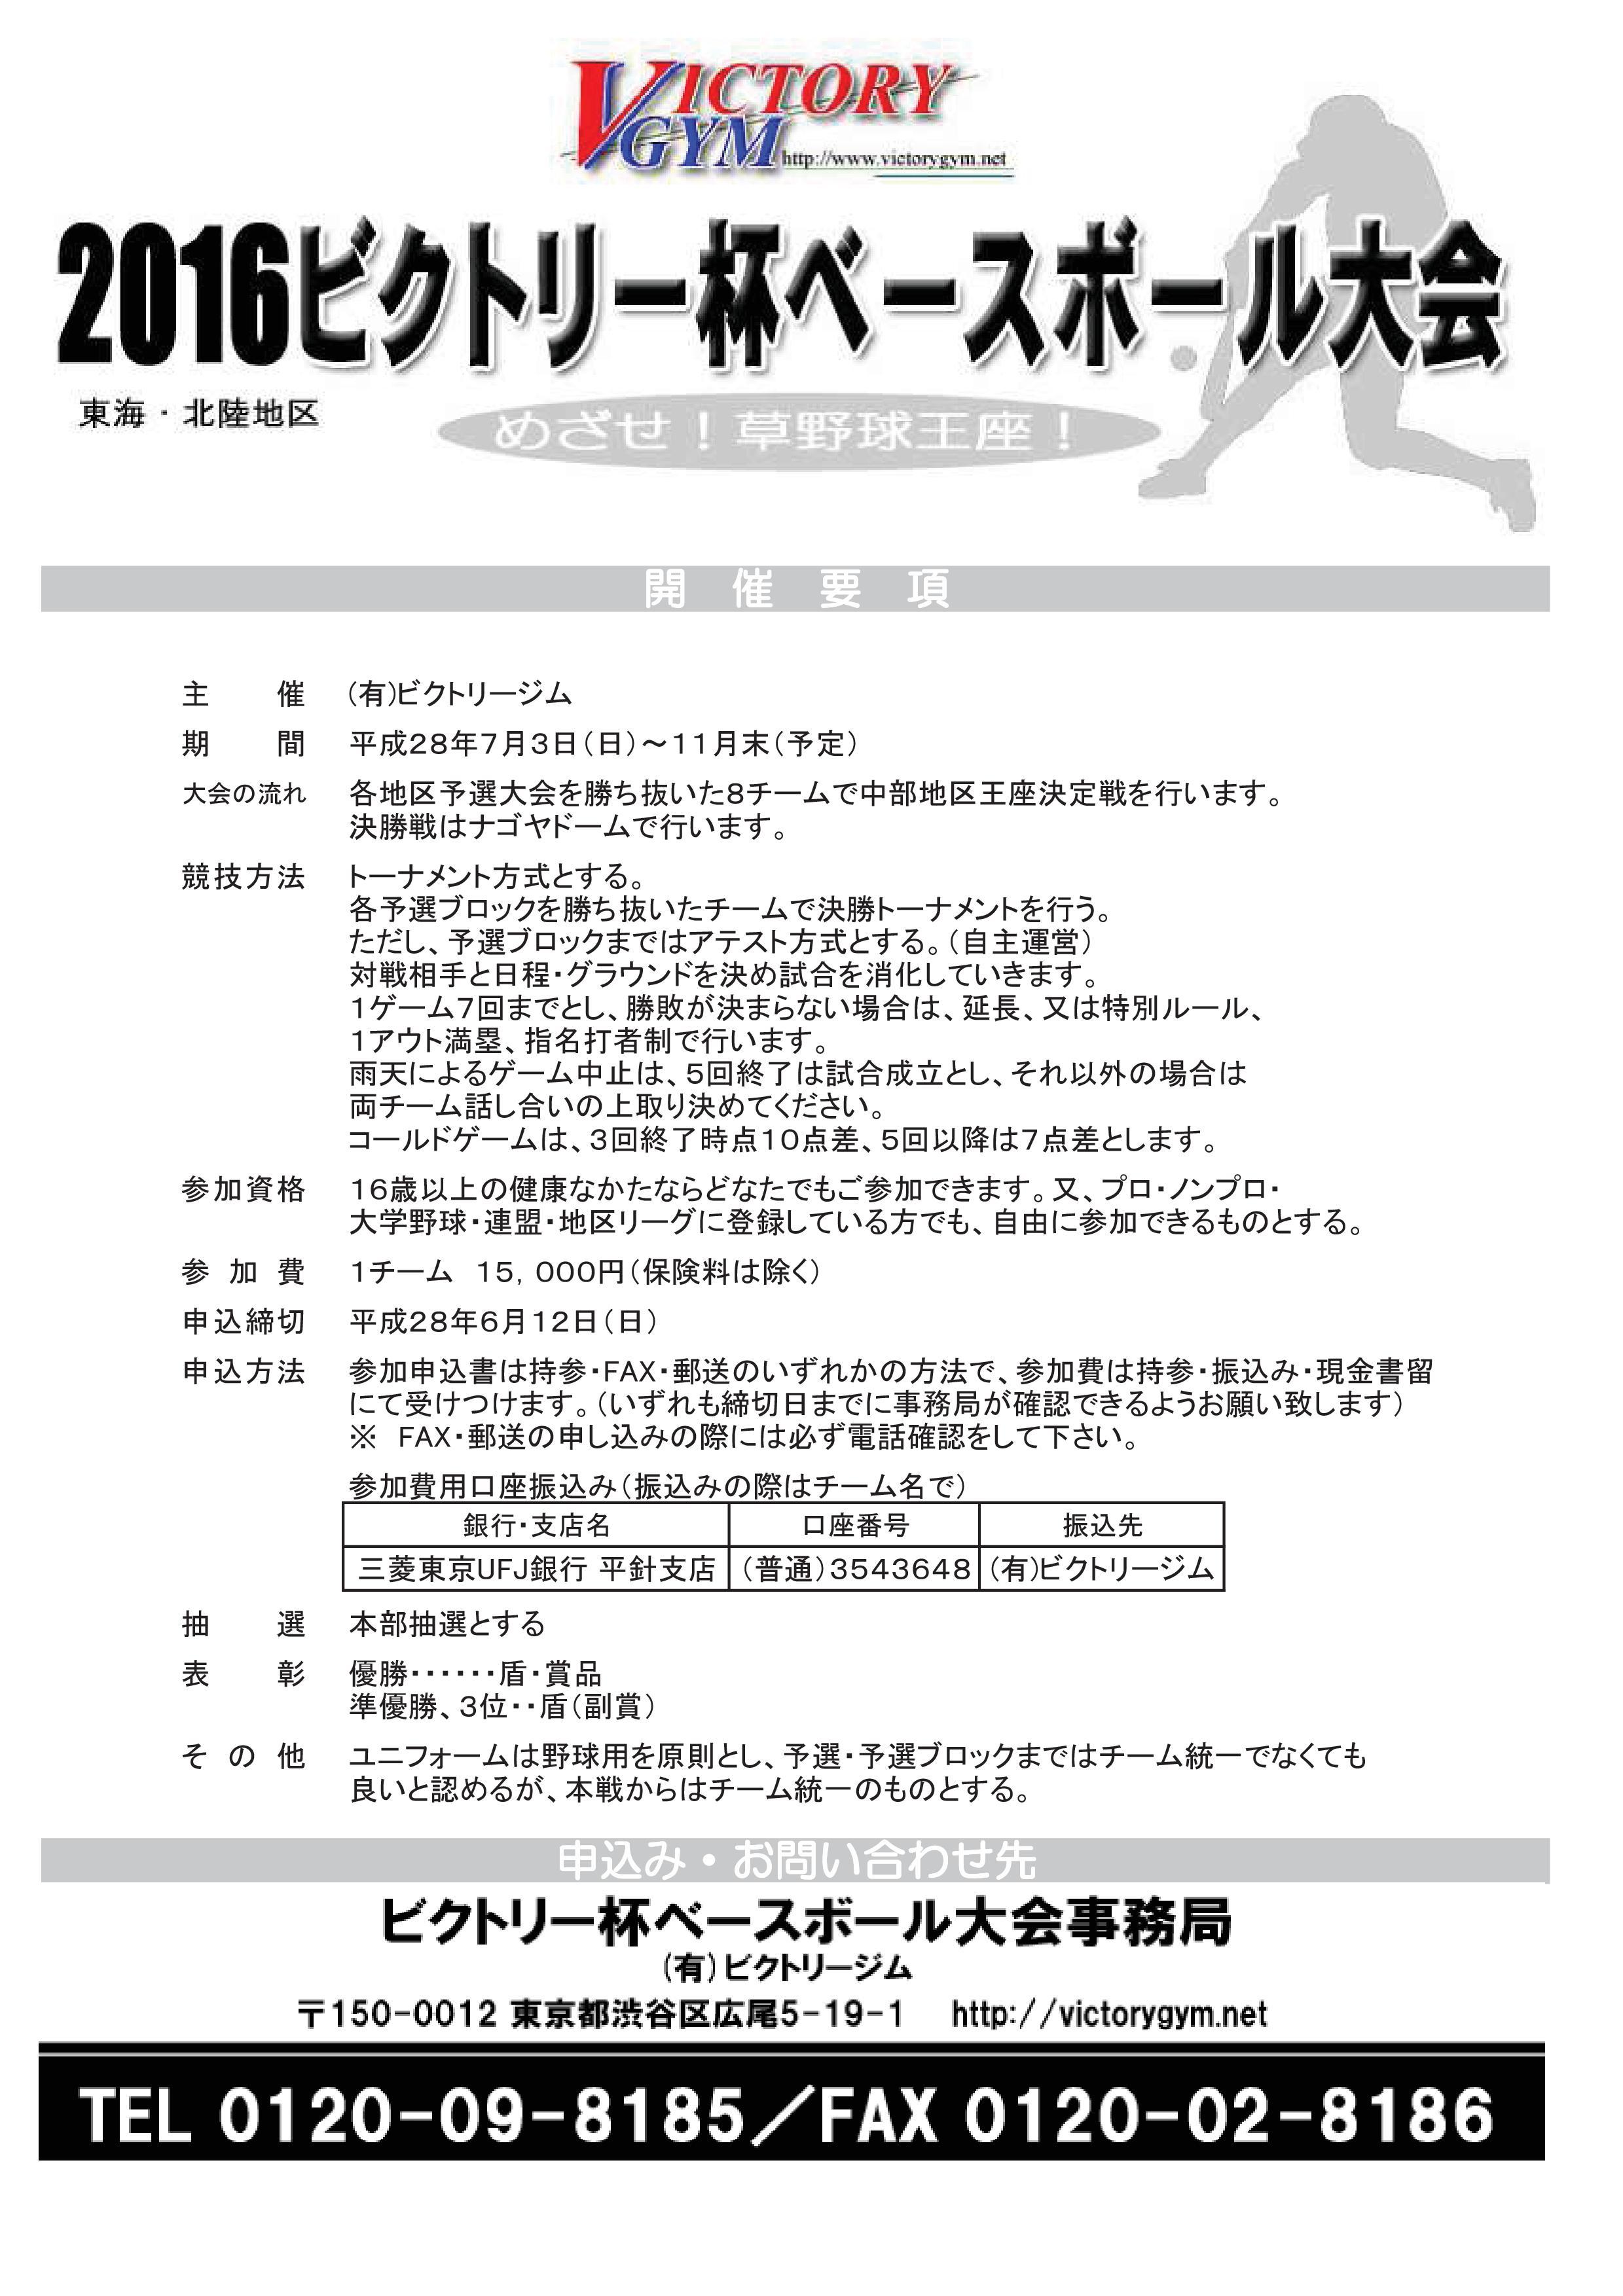 tokai-hokuriku_info